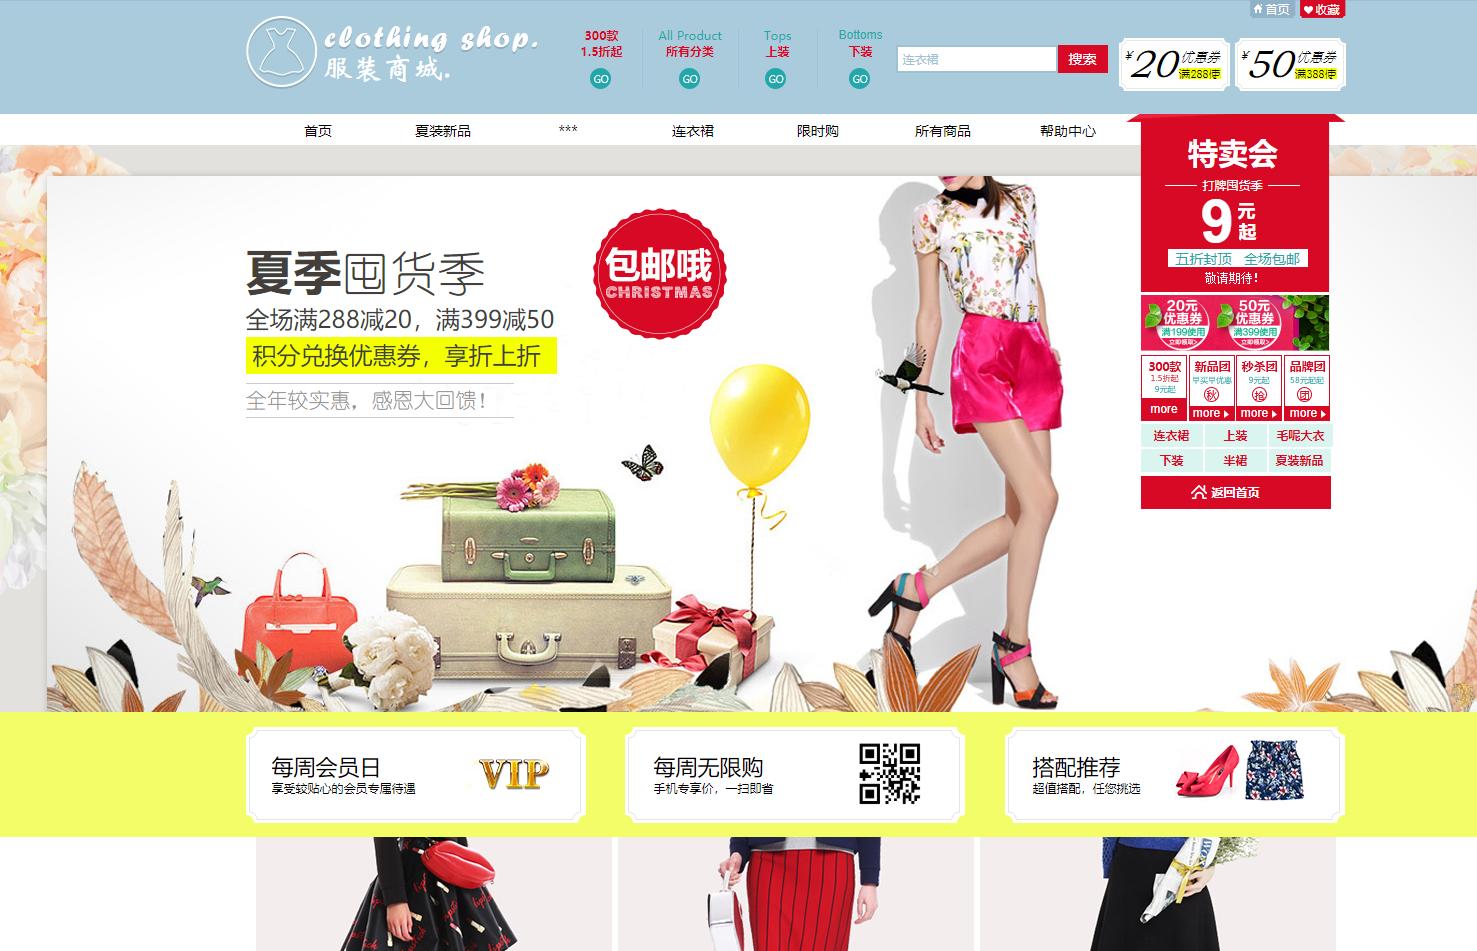 服装商城B2C交易型网店模板